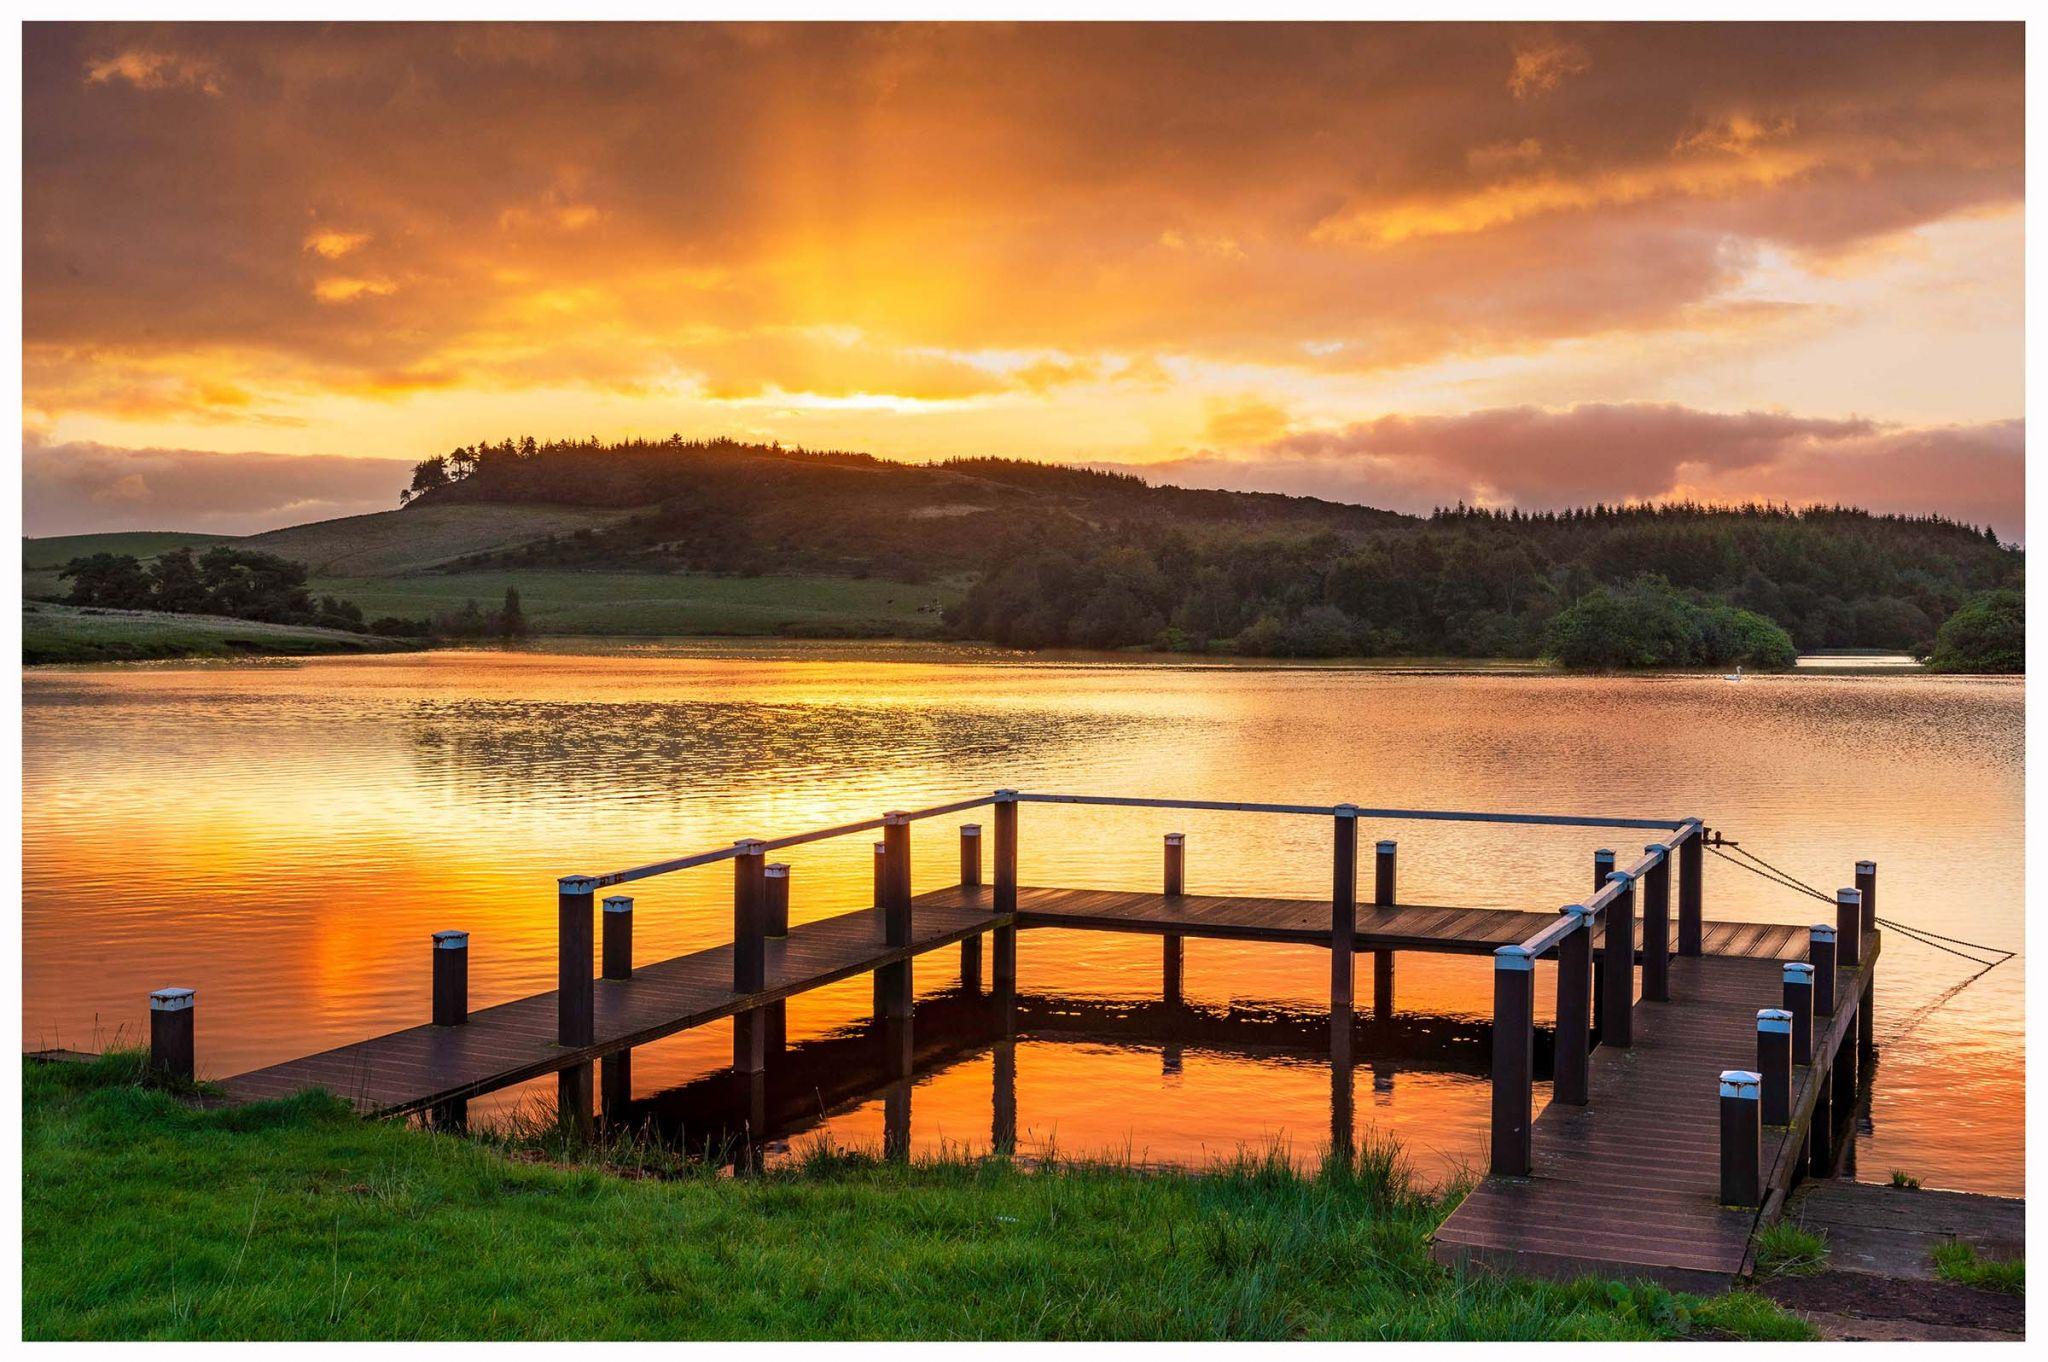 Knapps Loch, United Kingdom